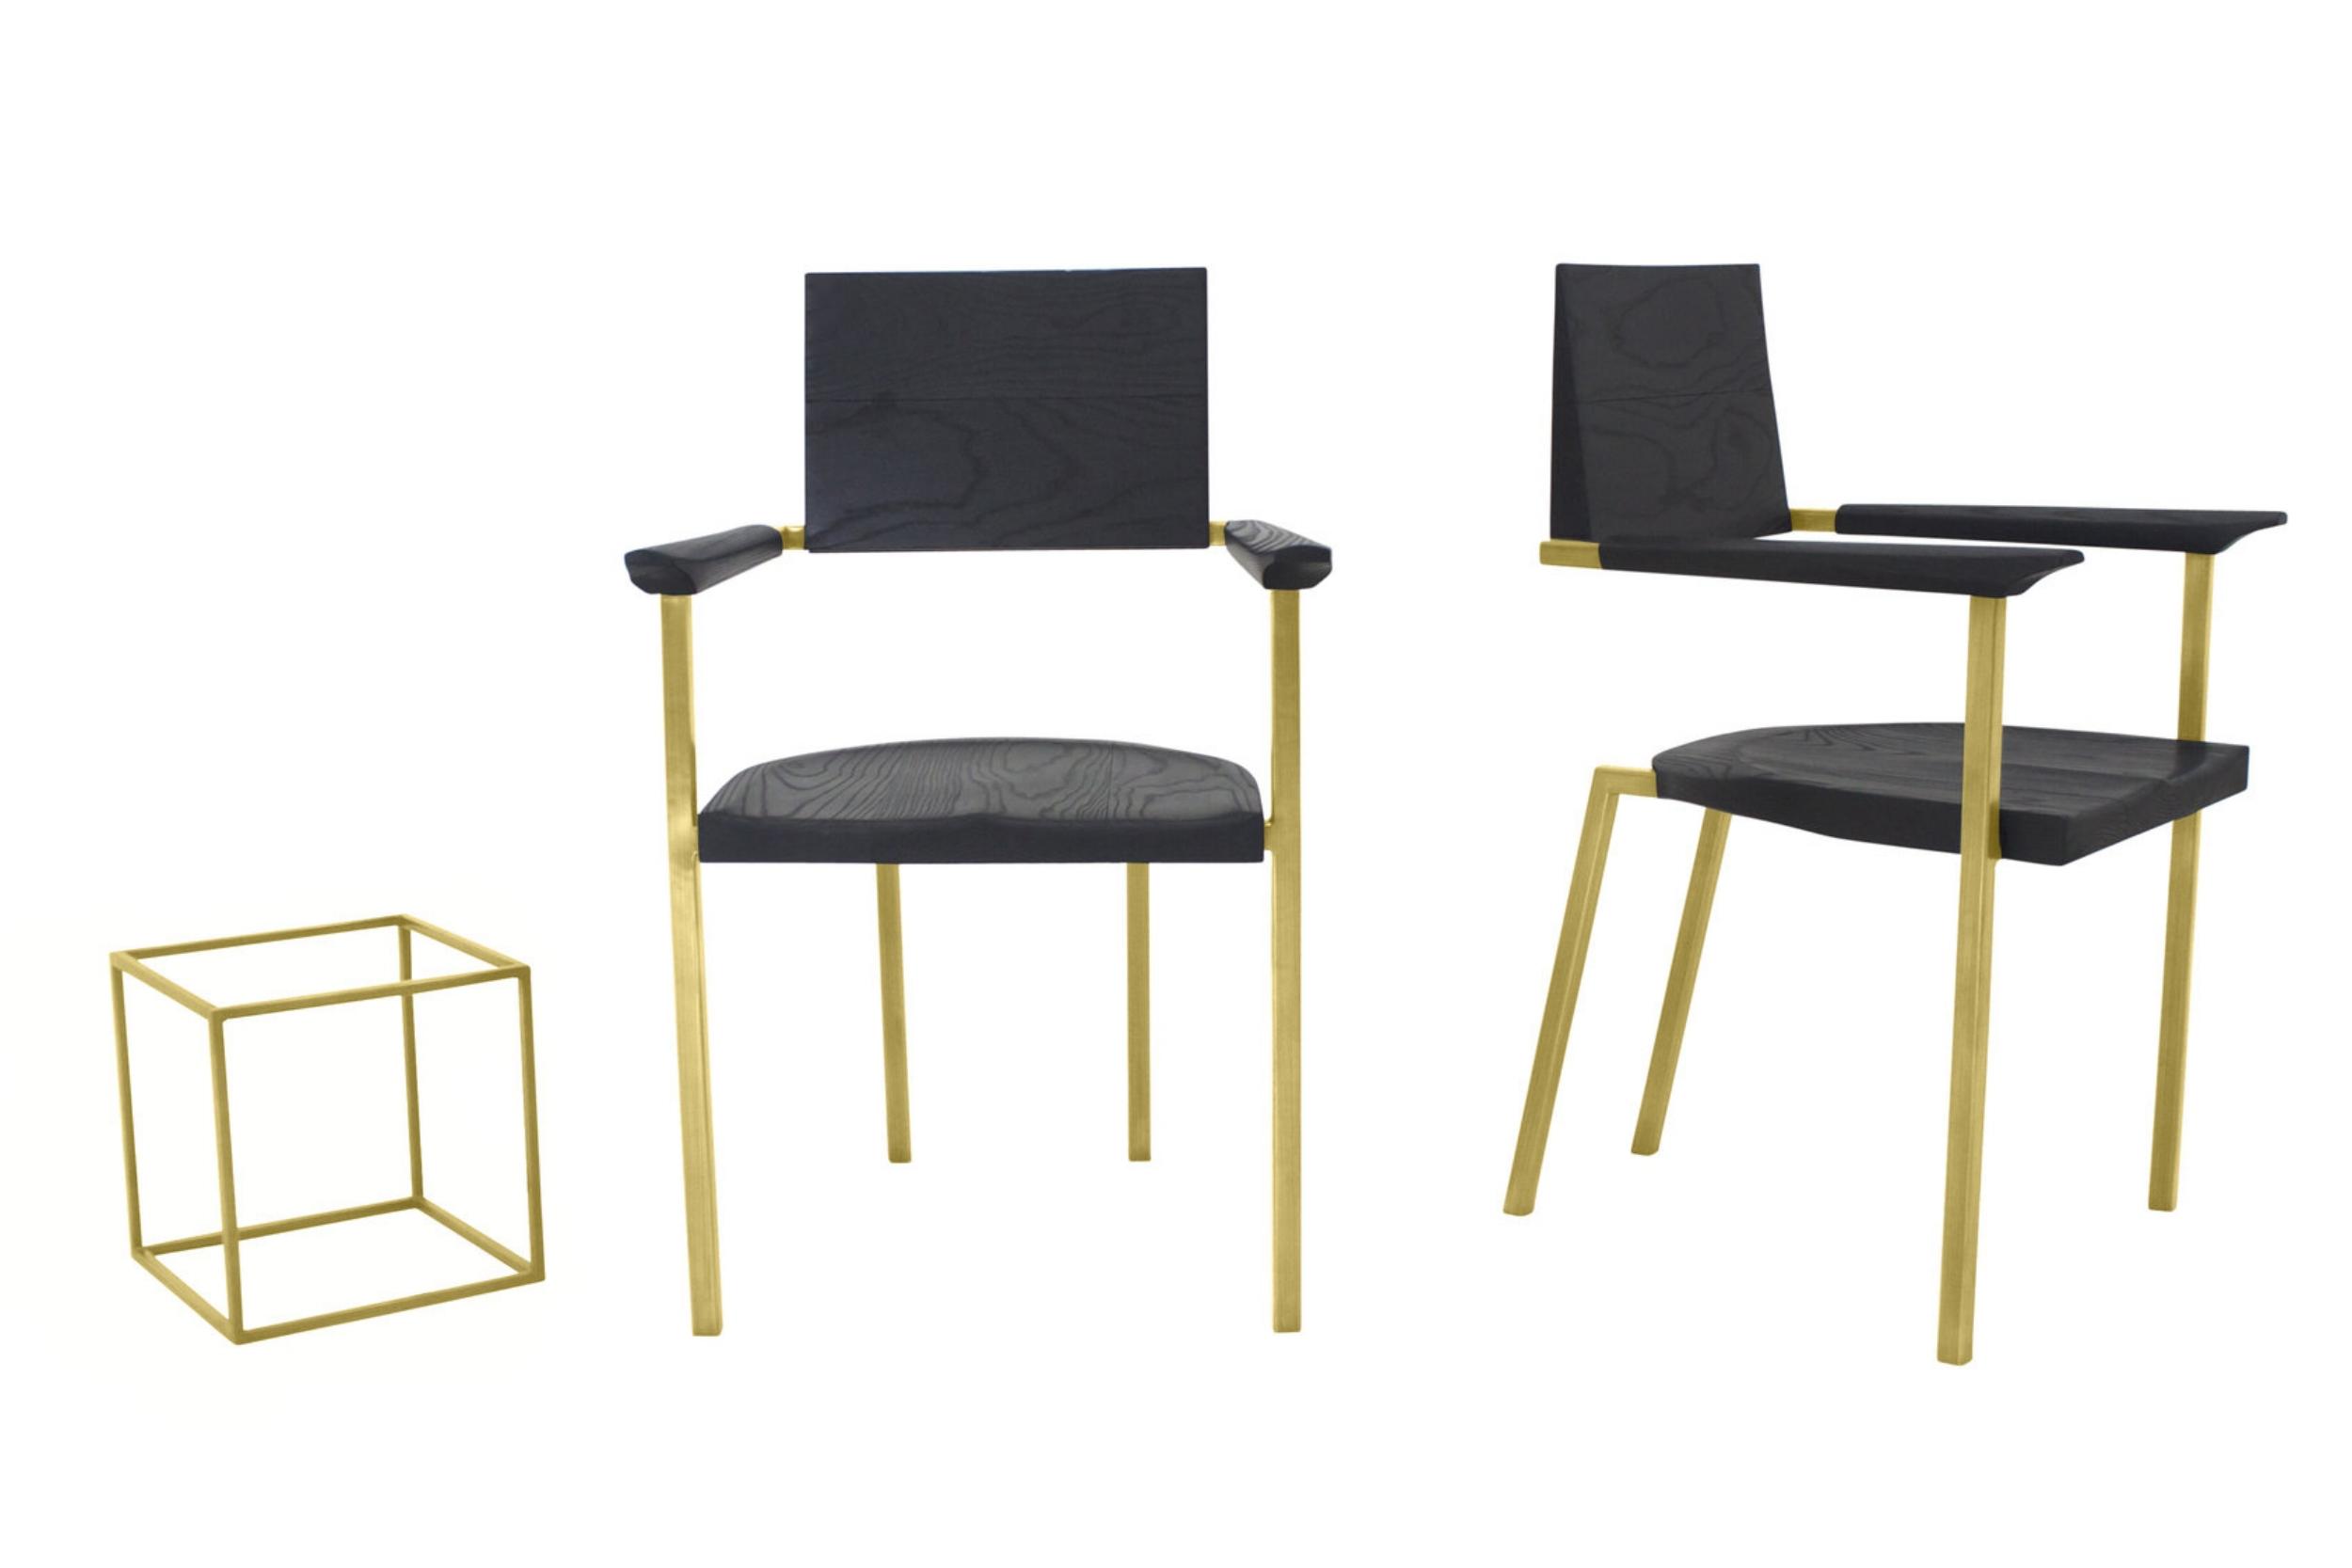 Stefan Rurak_Black Steel Chair_Charred5_9.25.2018.jpg